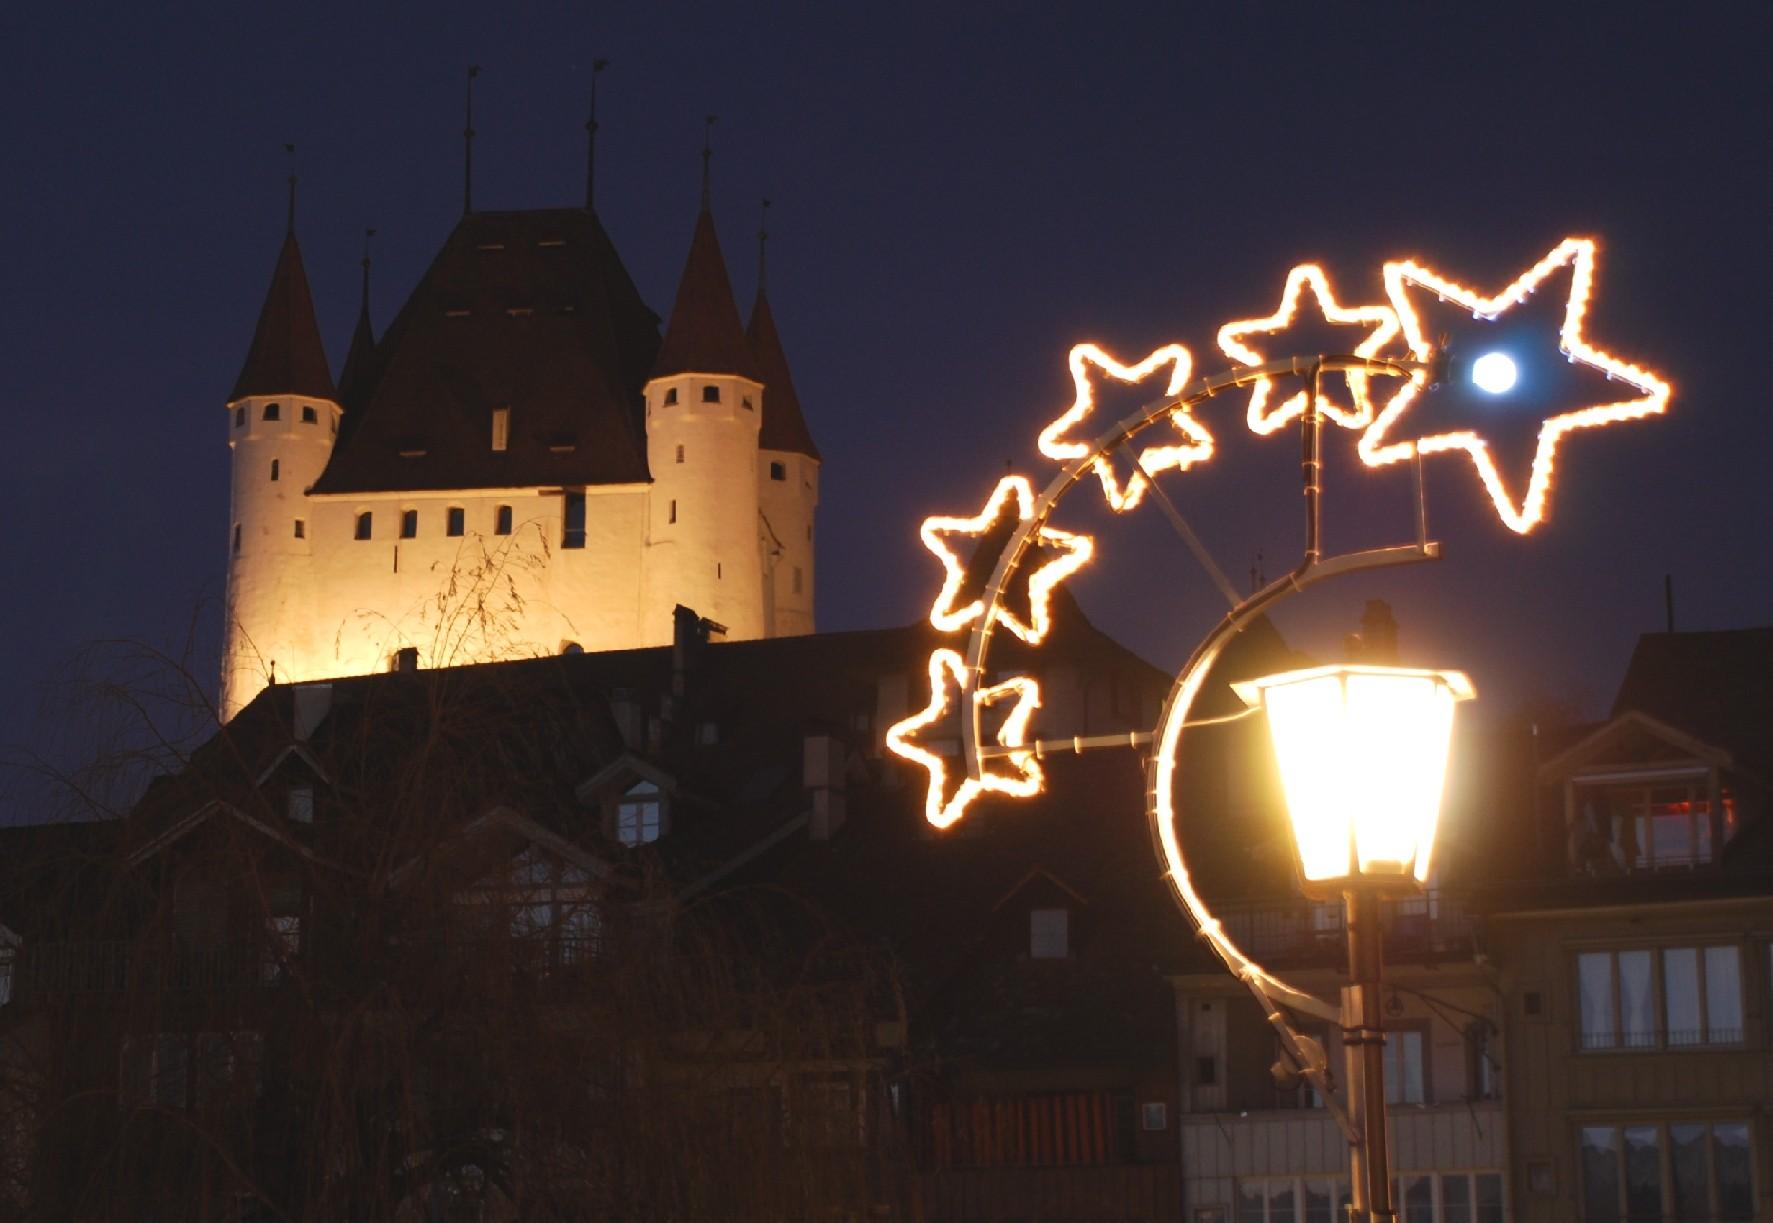 thun-winter-weihnachtsbeleuchtung-schloss-thun